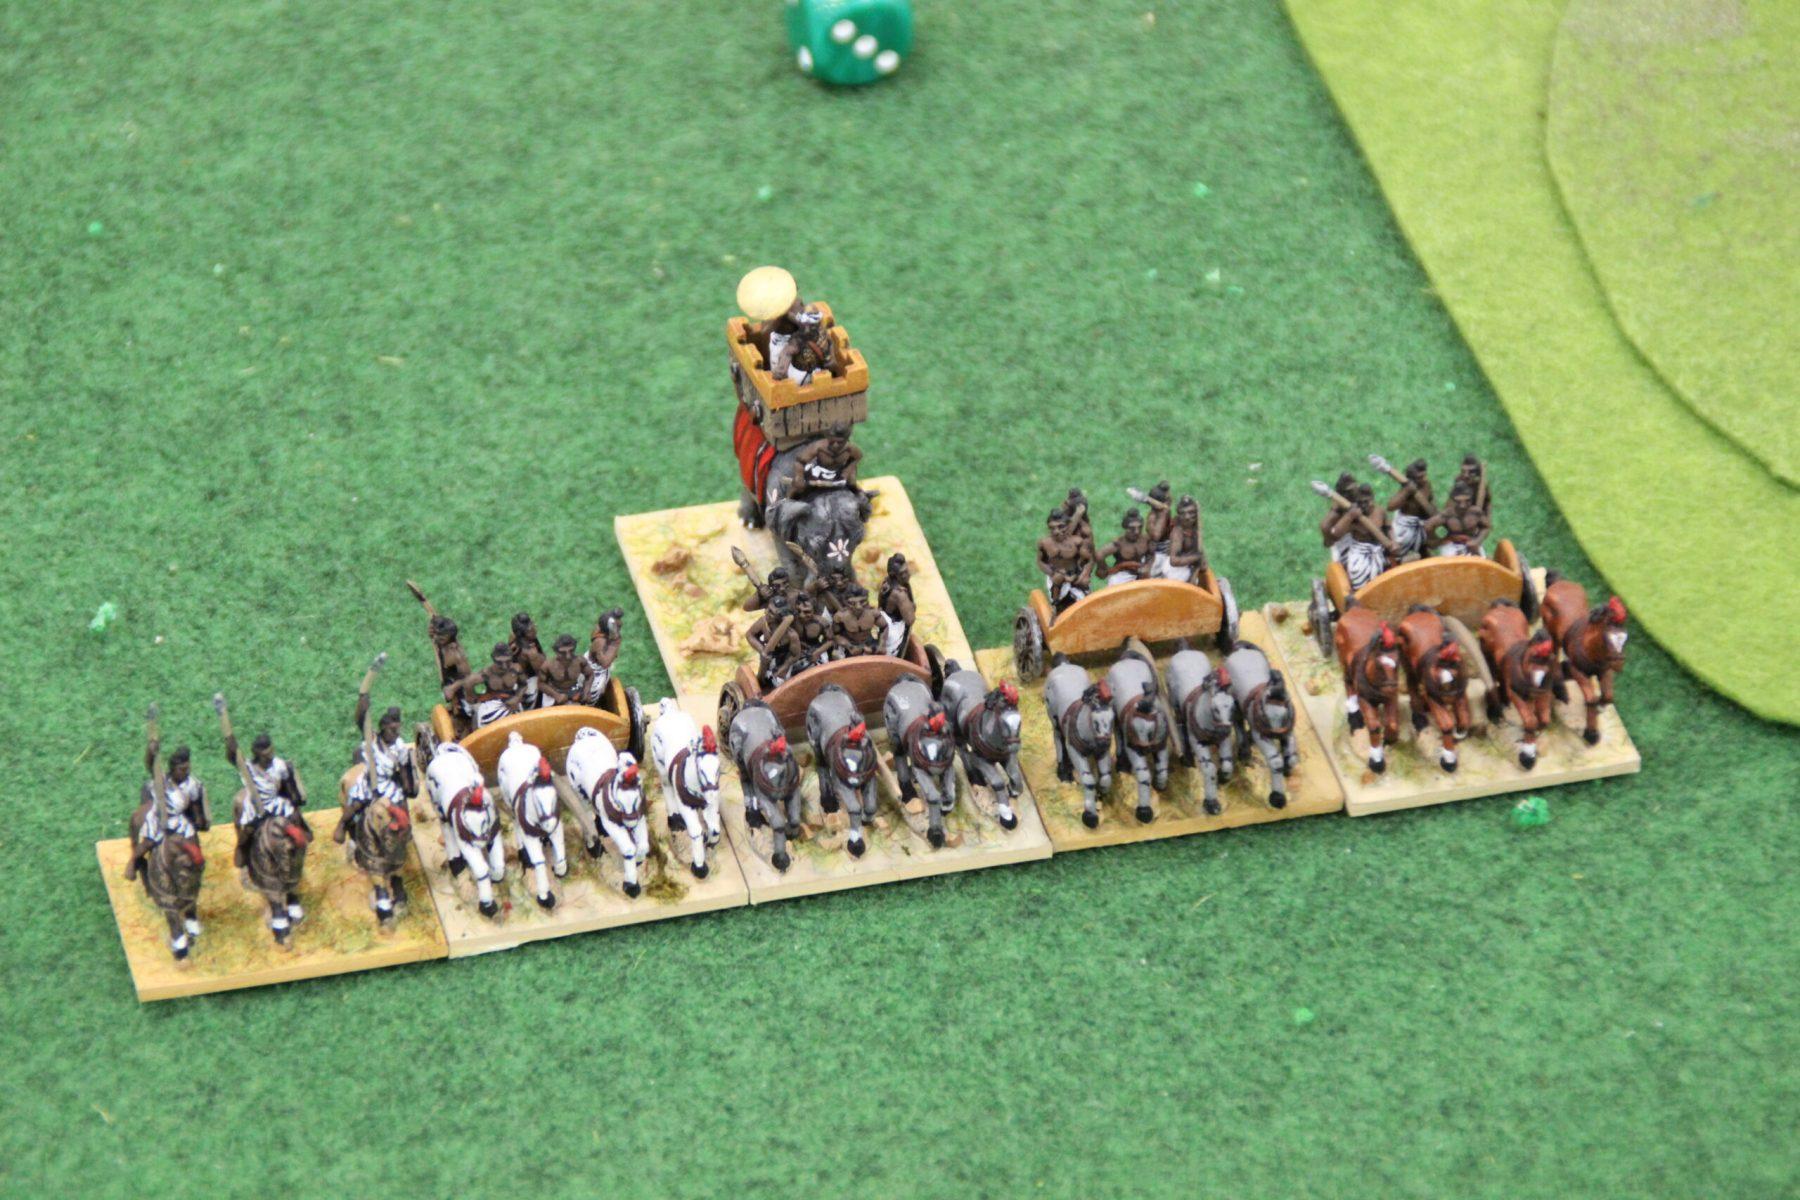 Un corps de chars lourds impétueux Indiens Classiques avec le général sur éléphant.